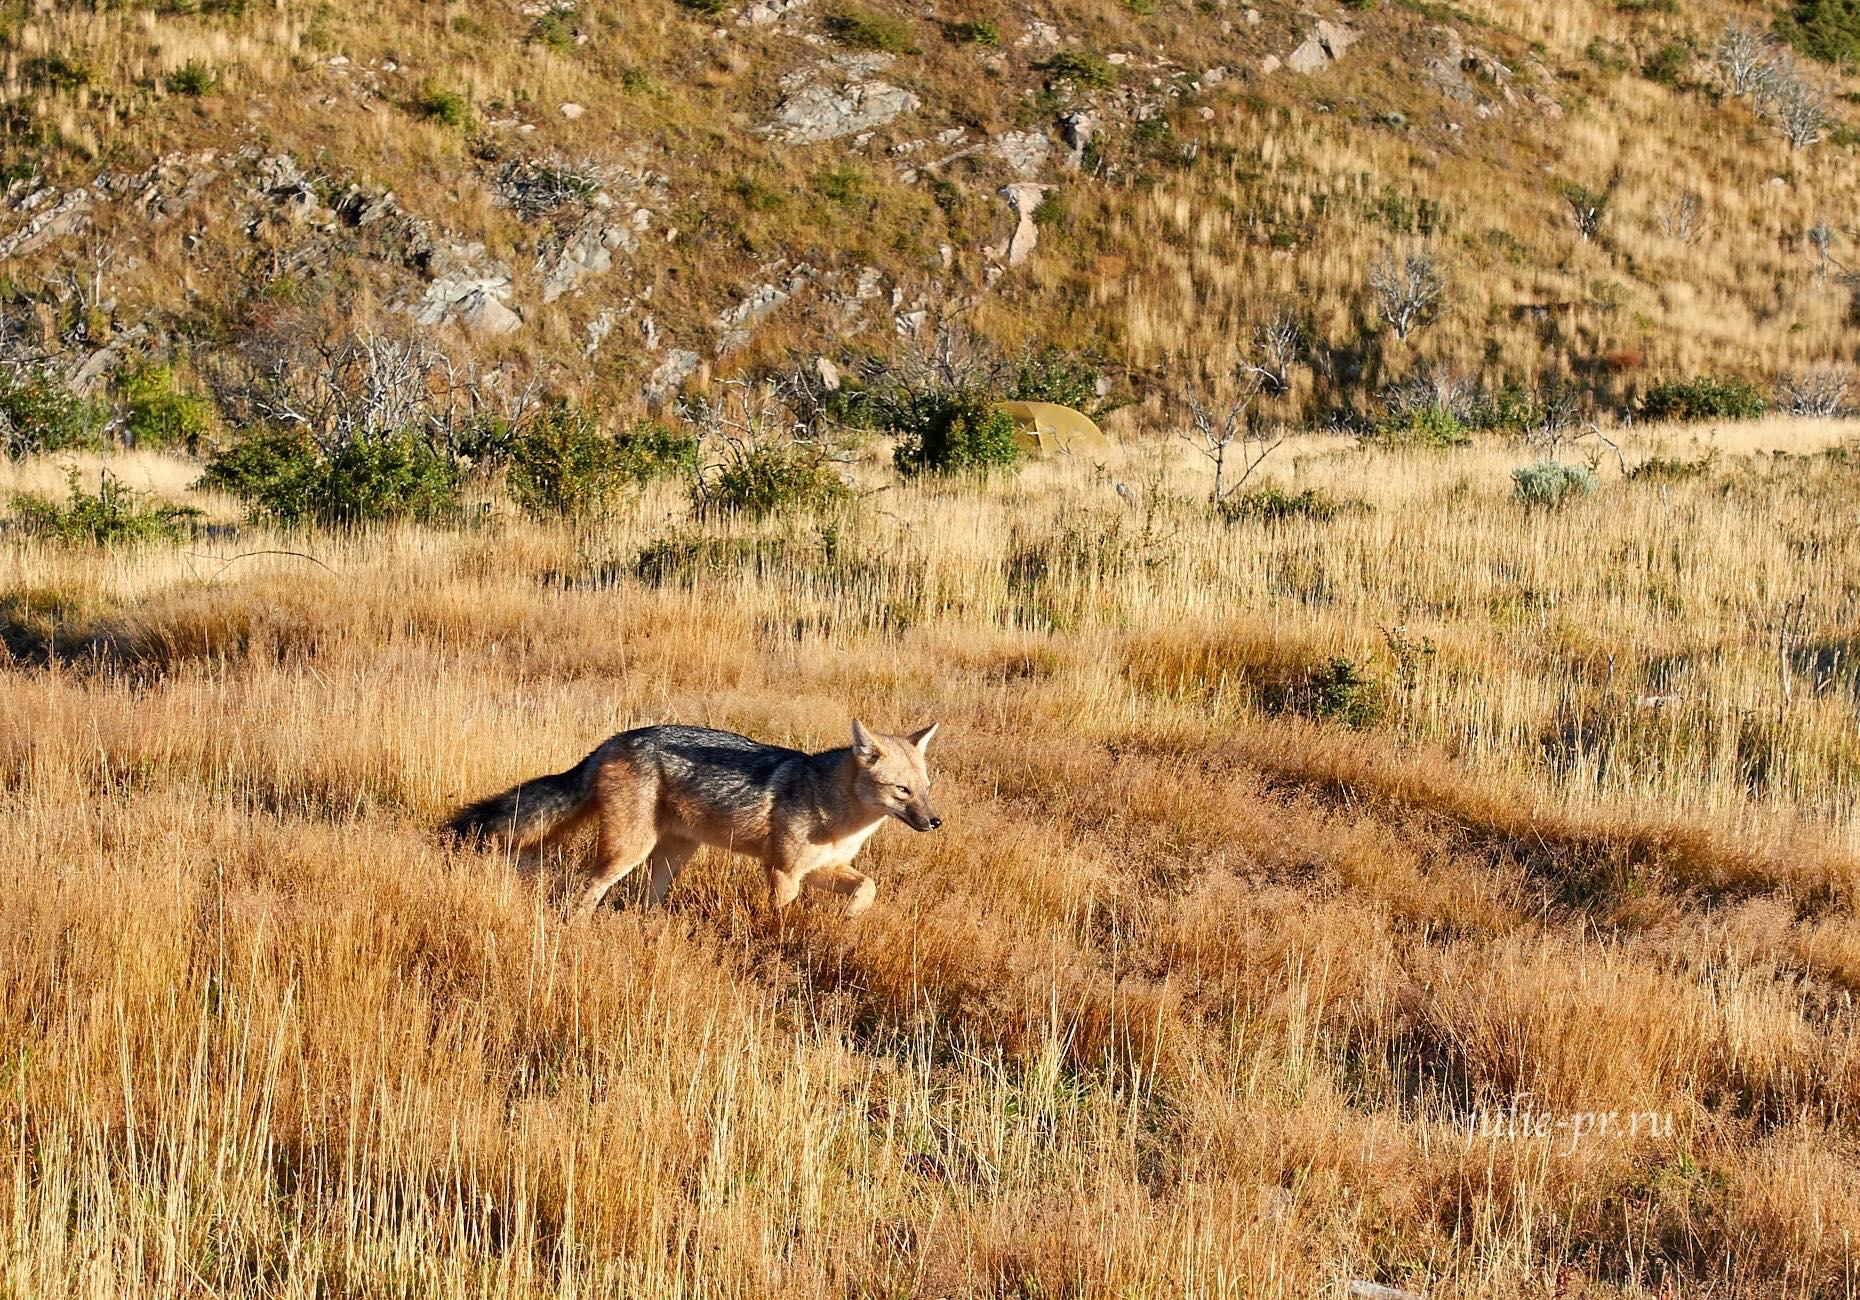 Чили, Патагония, Торрес-дель-Пайне, Андская лисица